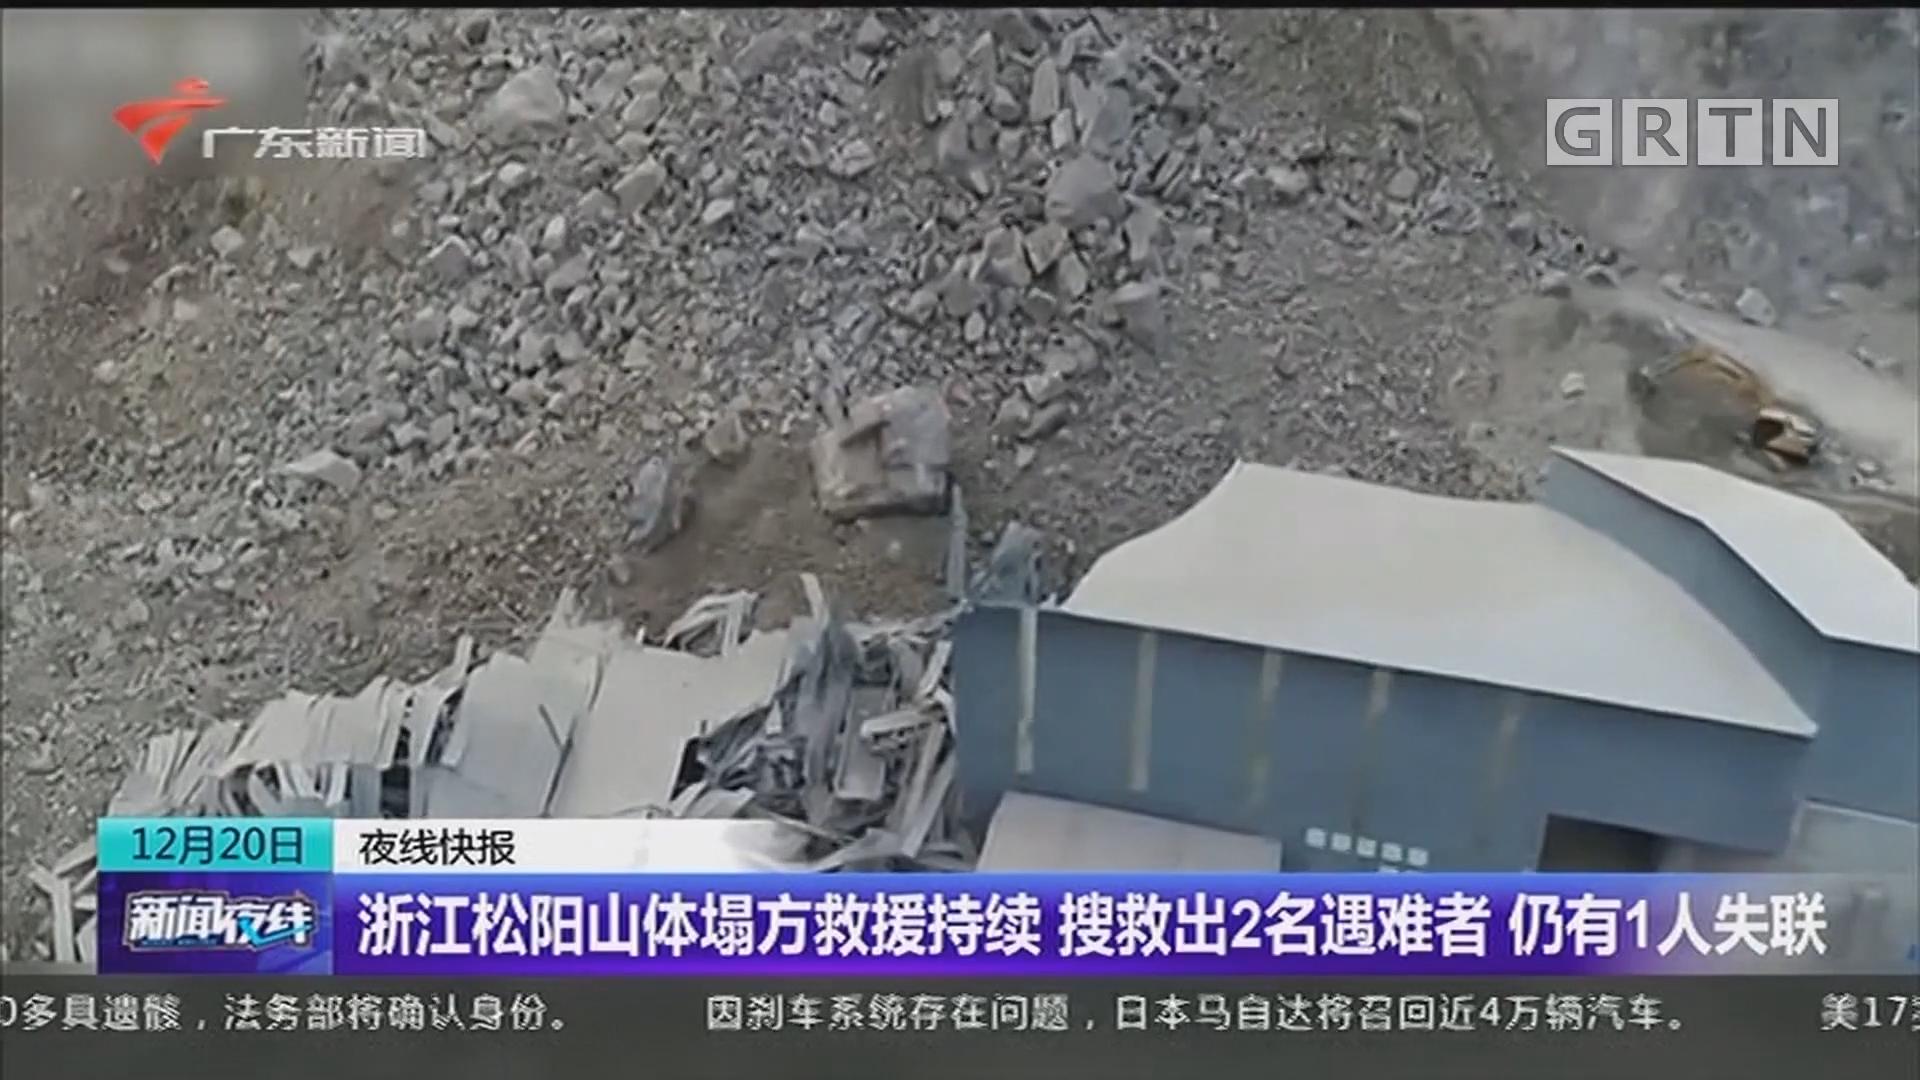 浙江松阳山体塌方救援持续 搜救出2名遇难者 仍有1人失联